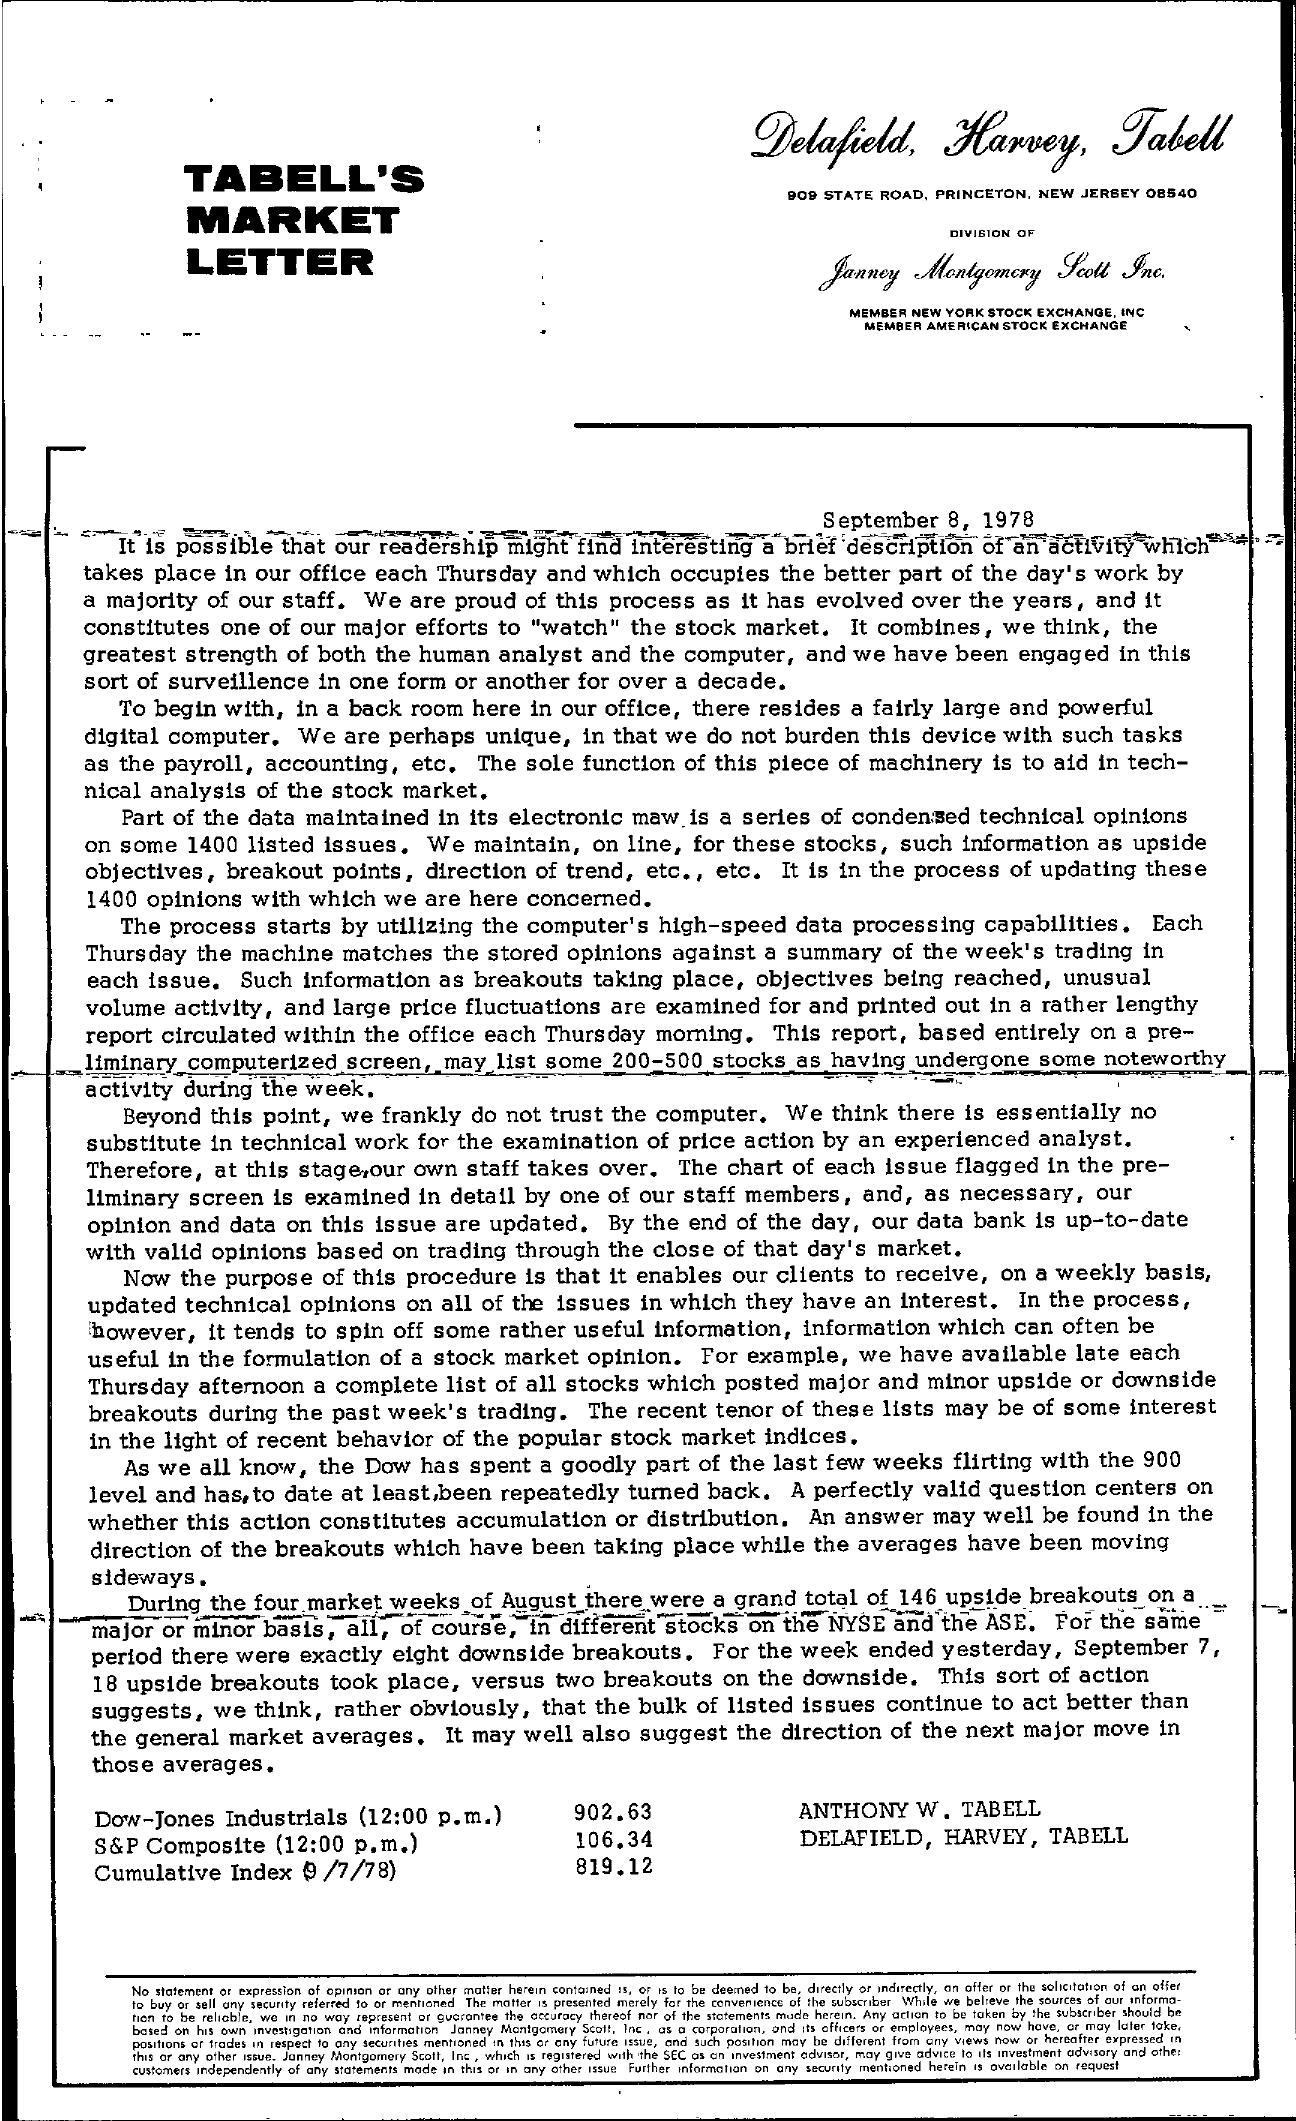 Tabell's Market Letter - September 08, 1978